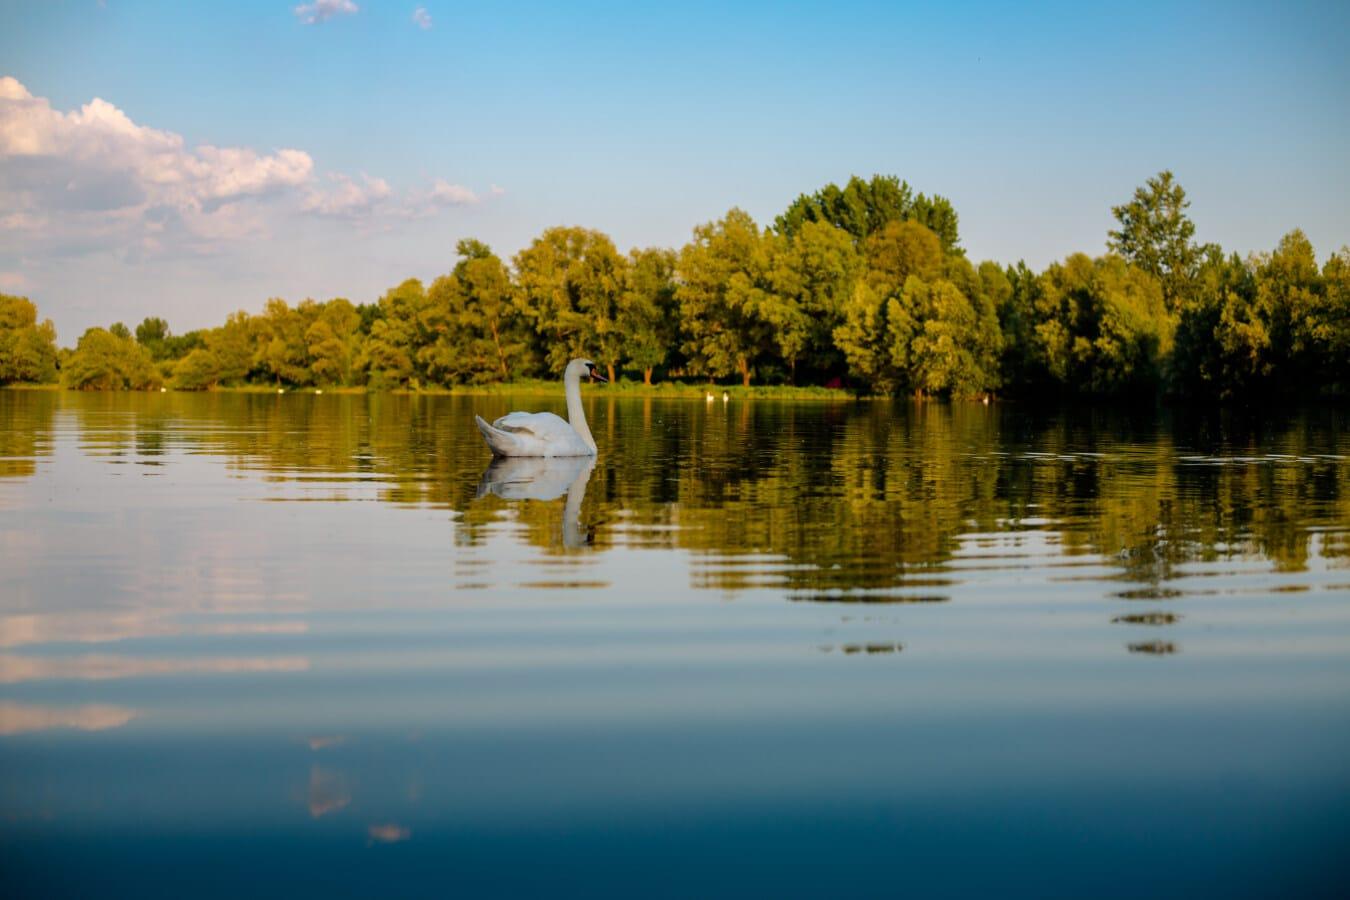 sauvagine, cygne, oiseaux aquatique, paysage, réflexion, Lac, eau, nature, aube, coucher de soleil